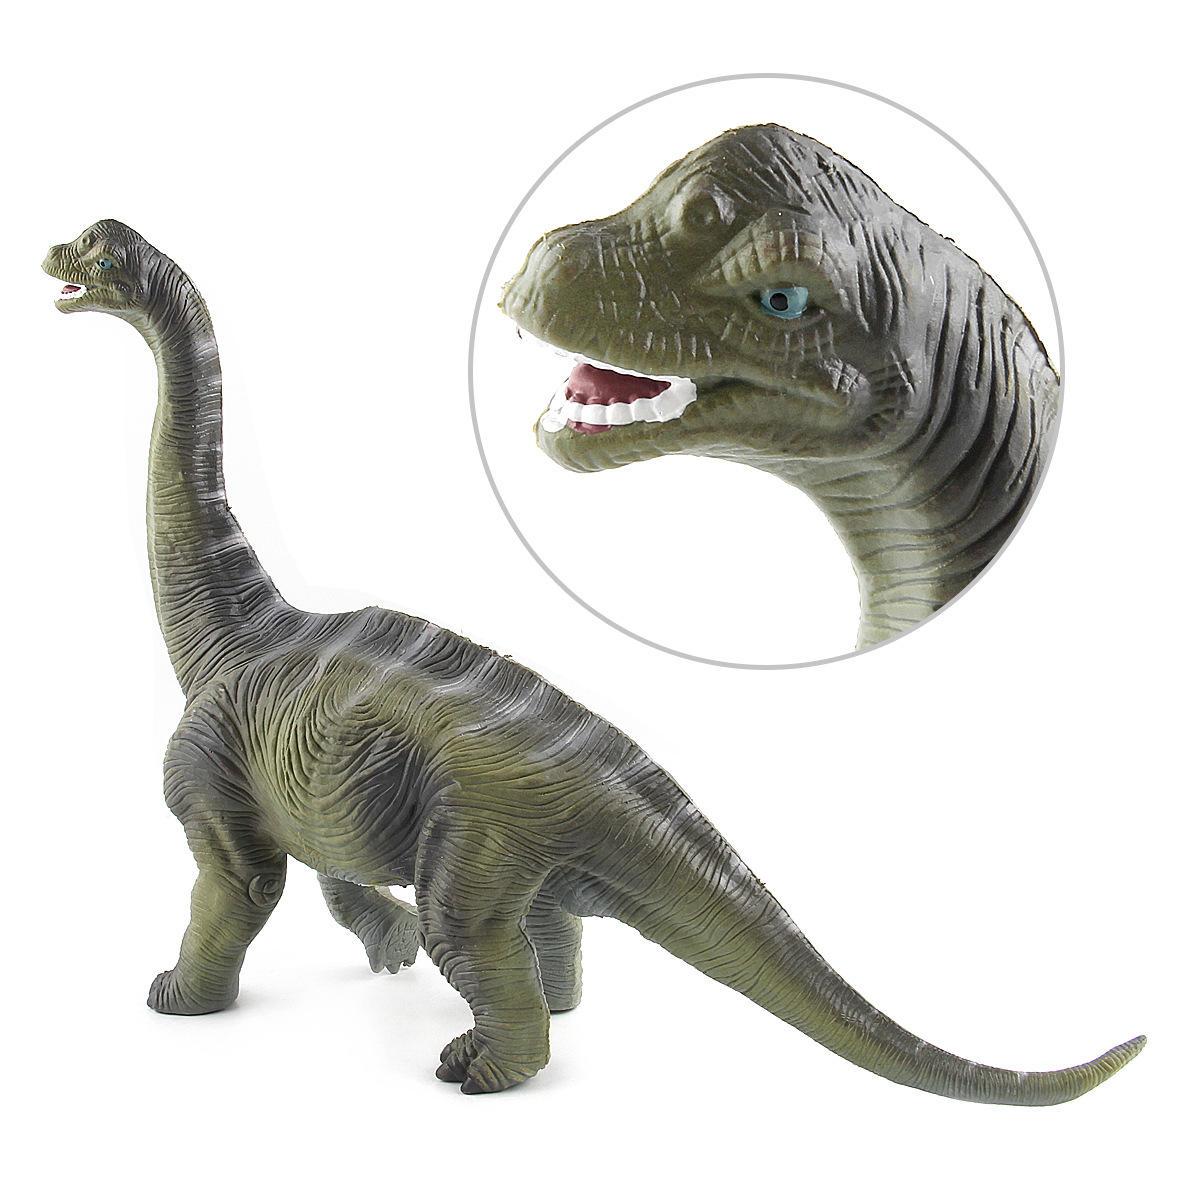 Grande Dinosauro giocattolo Brachiosaurus giocattolo in plastica plastico Realistico Realistico regalo per i bambini - 5